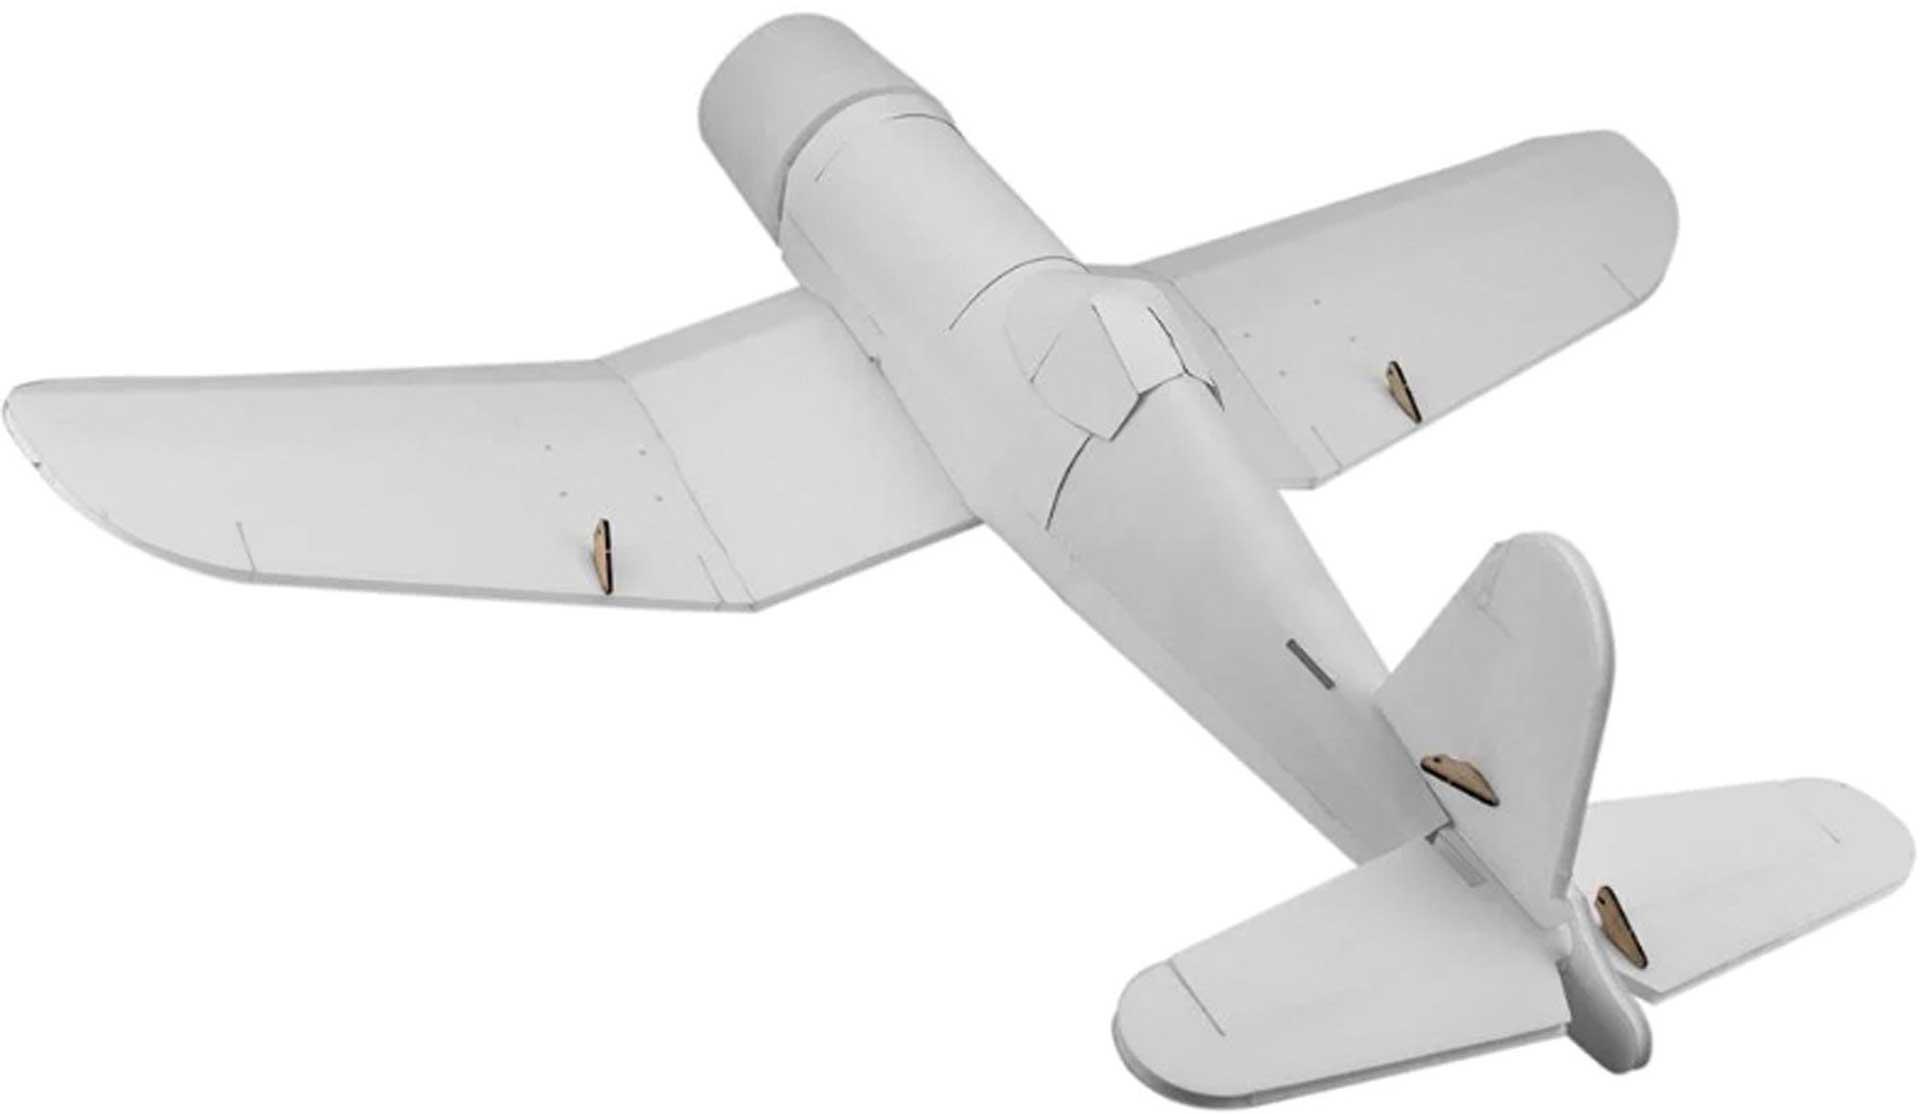 FLITE TEST Mighty Mini Corsair Kit Maker Foam